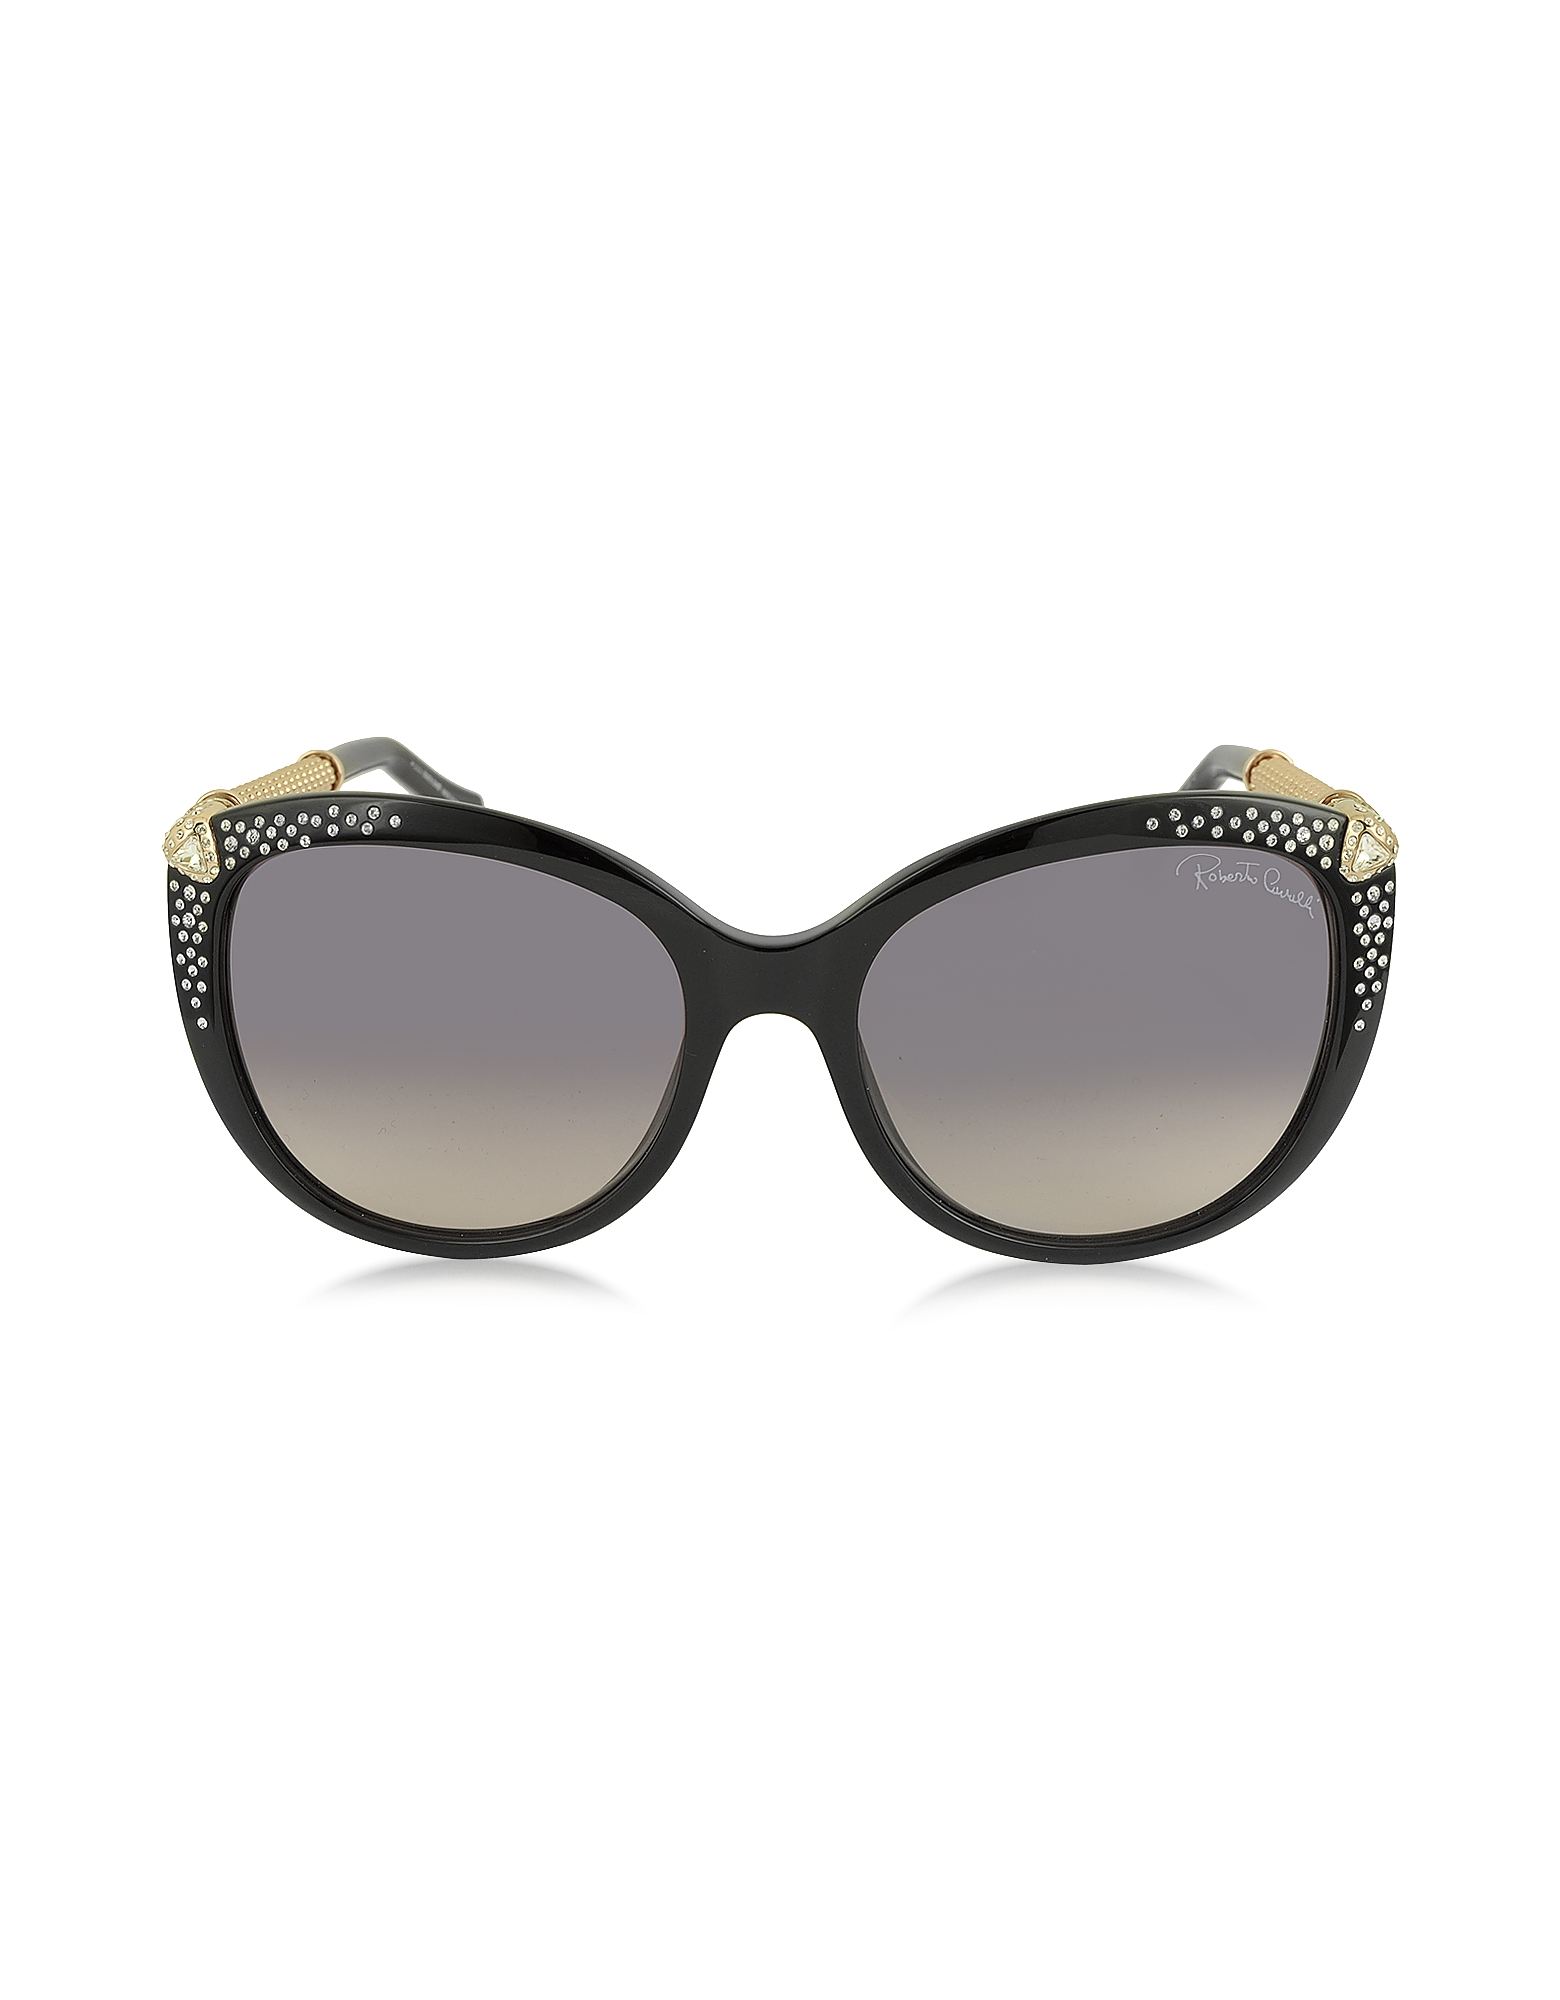 TANIA 979S - Женские Солнечные Очки из Ацетата с Кристаллами